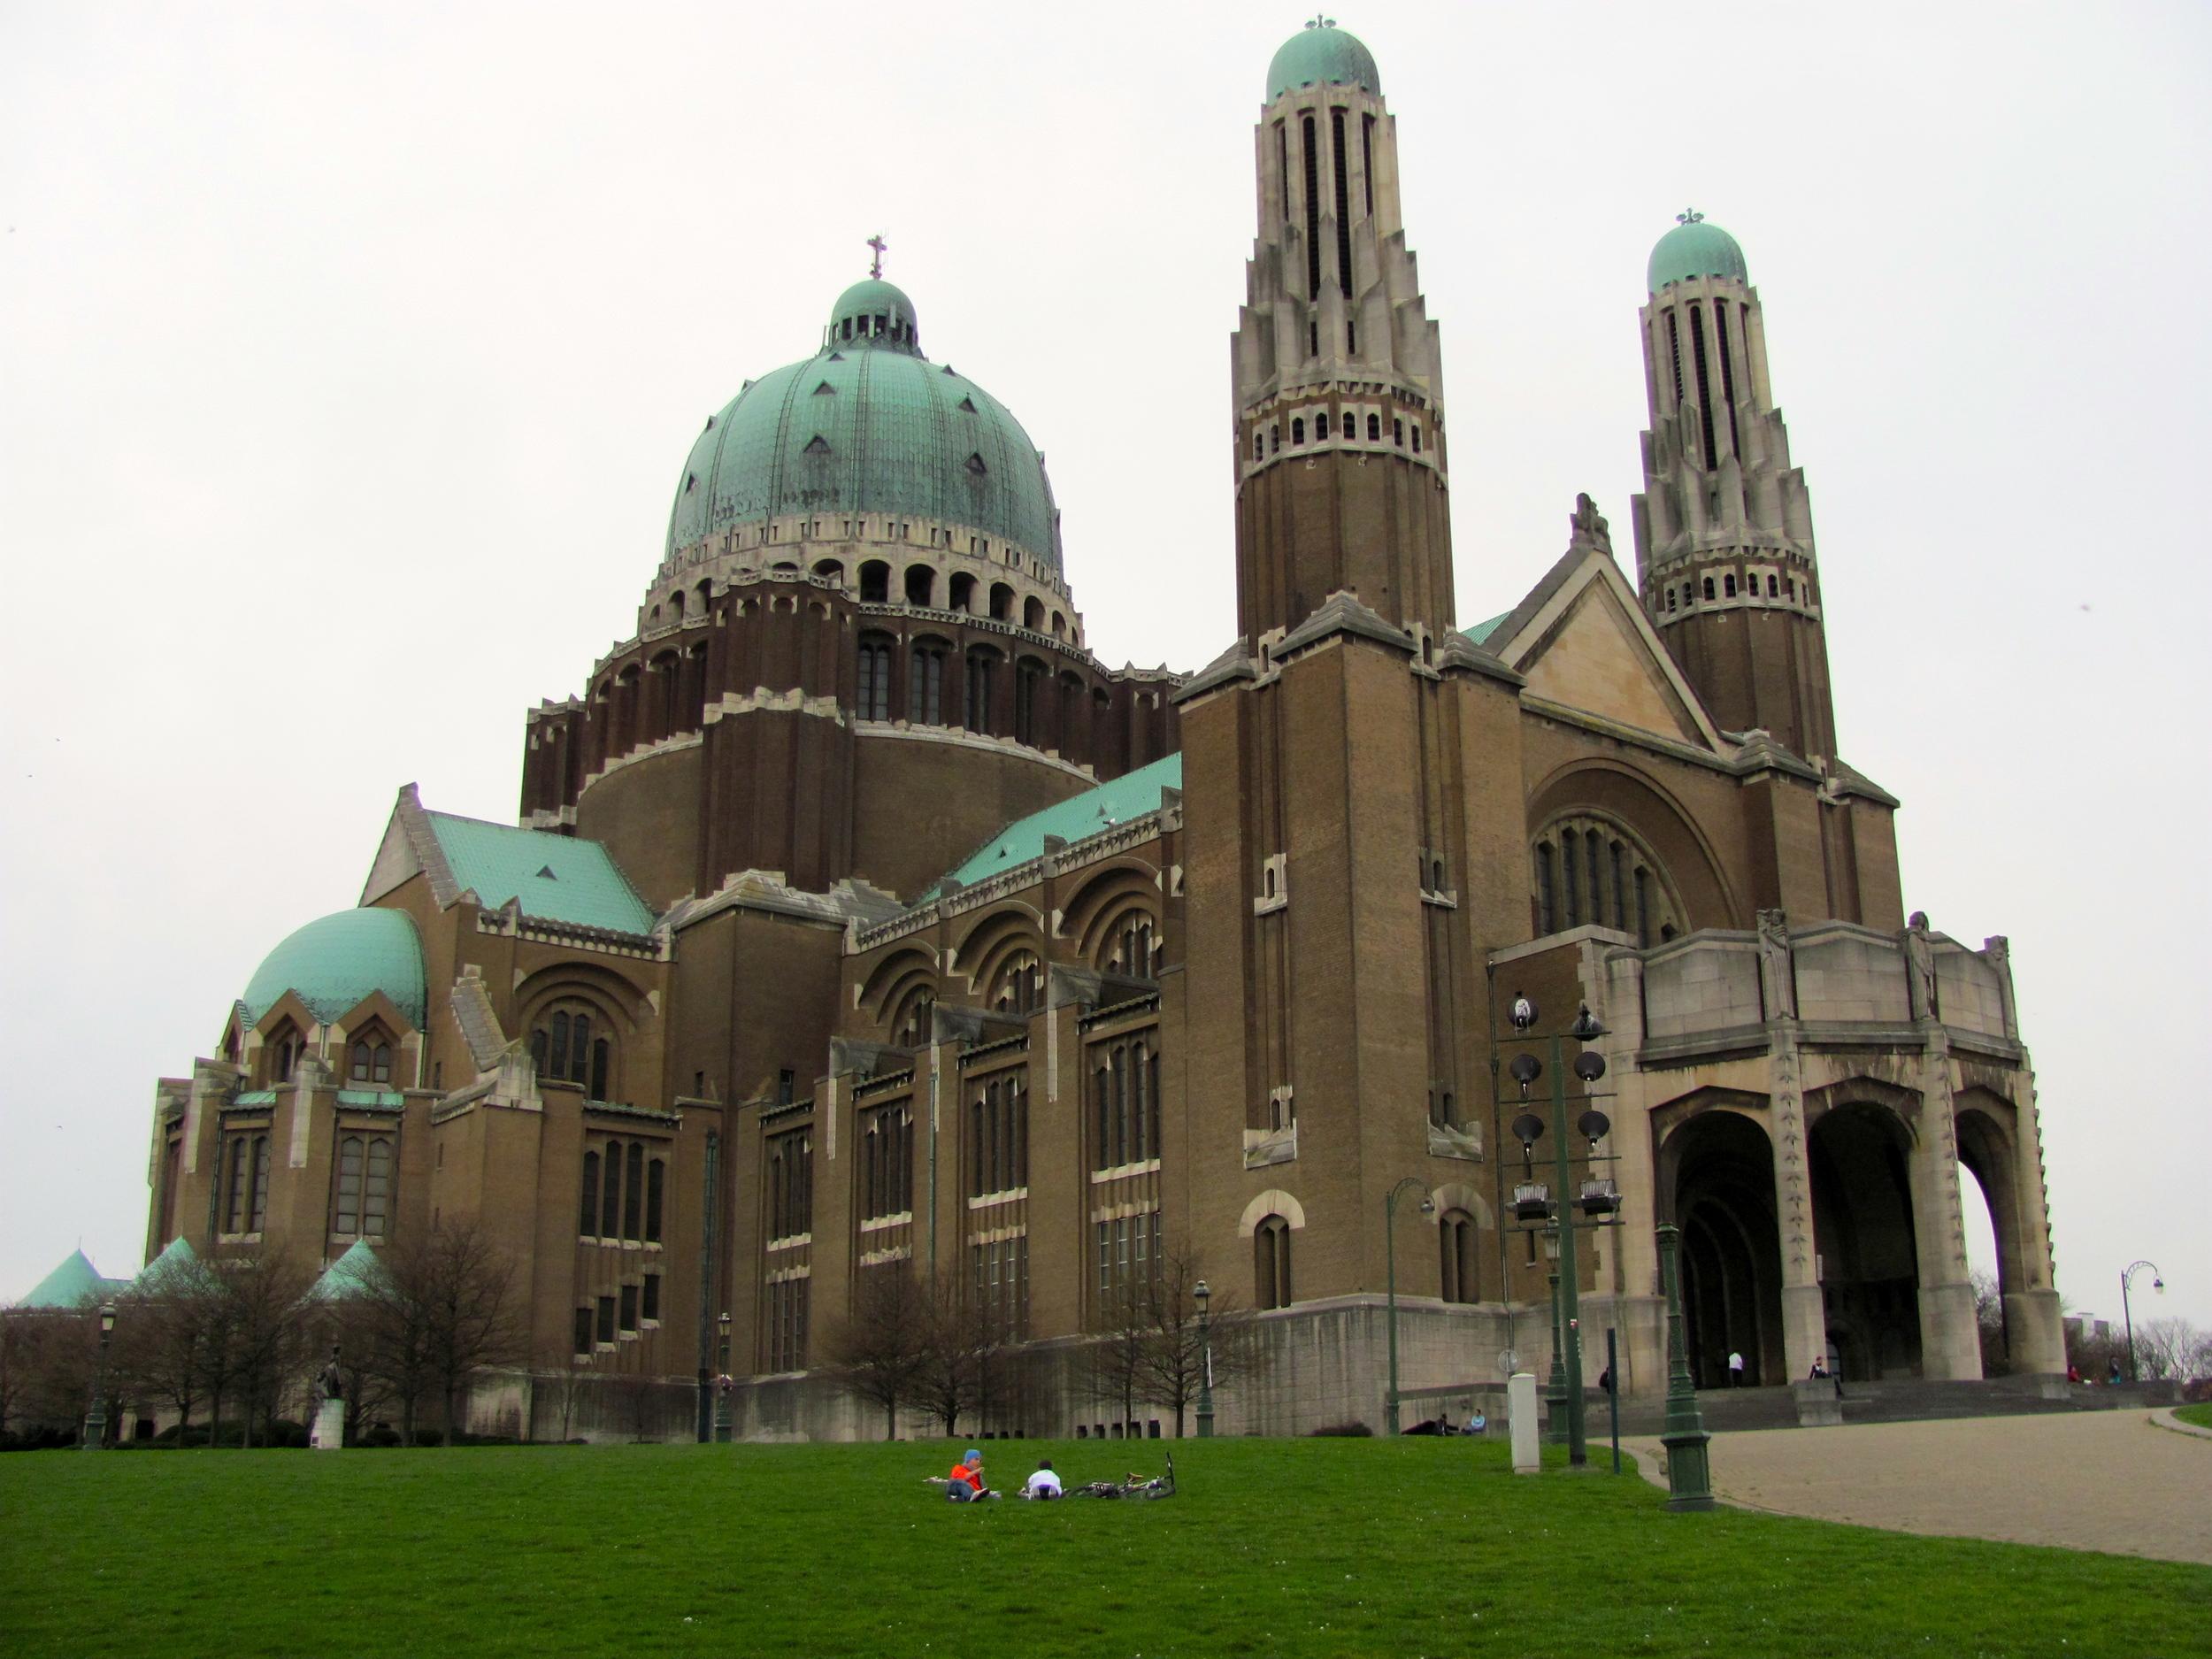 Basilique Nationale du Sacre-Coeur, Brussels, Belgium, VHS 2010